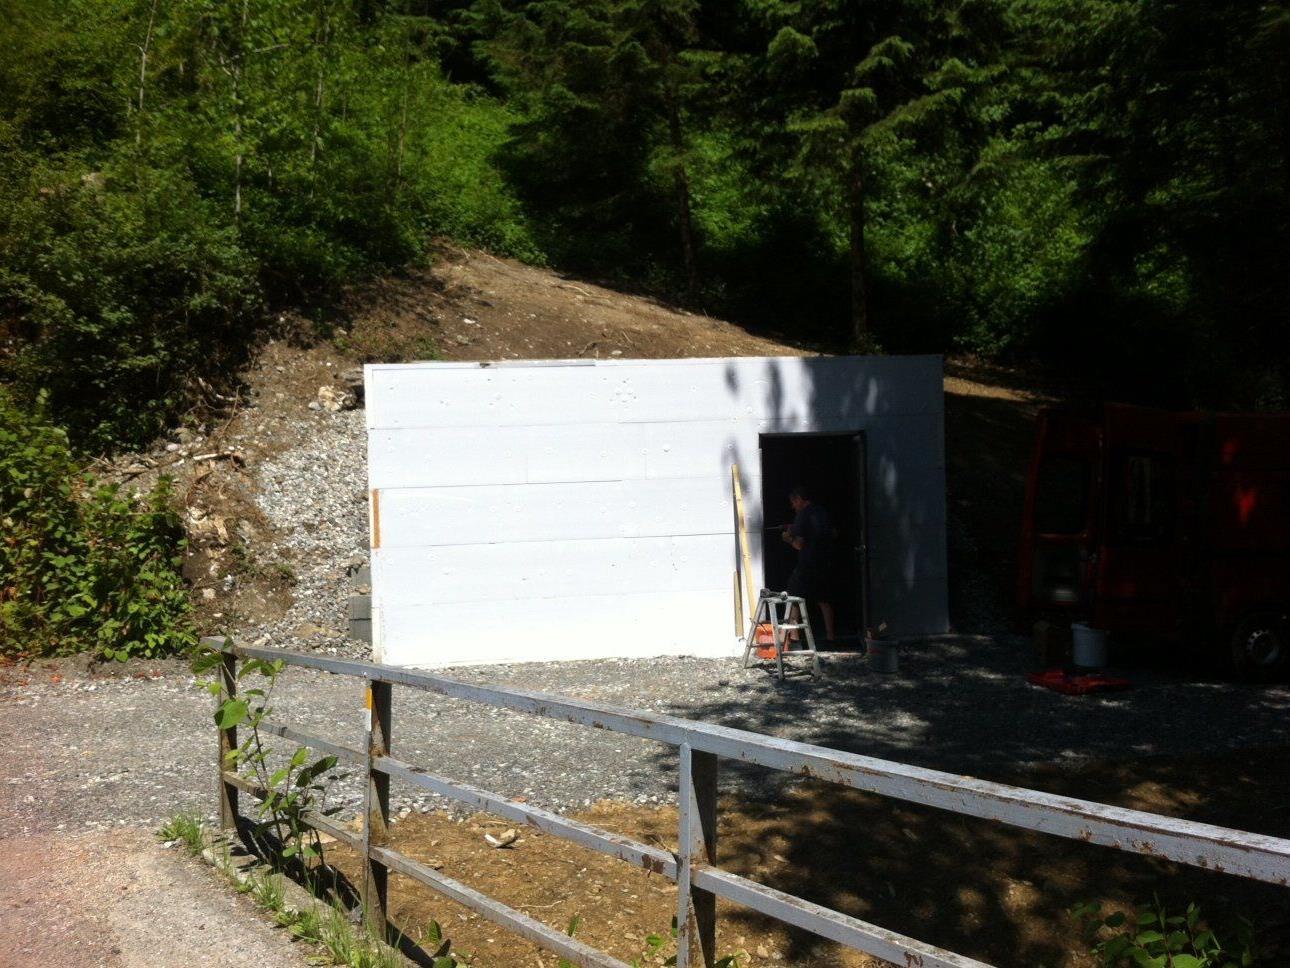 Pumpwerk Fraxern, Richtung Orsanka, Höhe Brücke. Hier wird auch das Kleinkraftwerk entstehen.